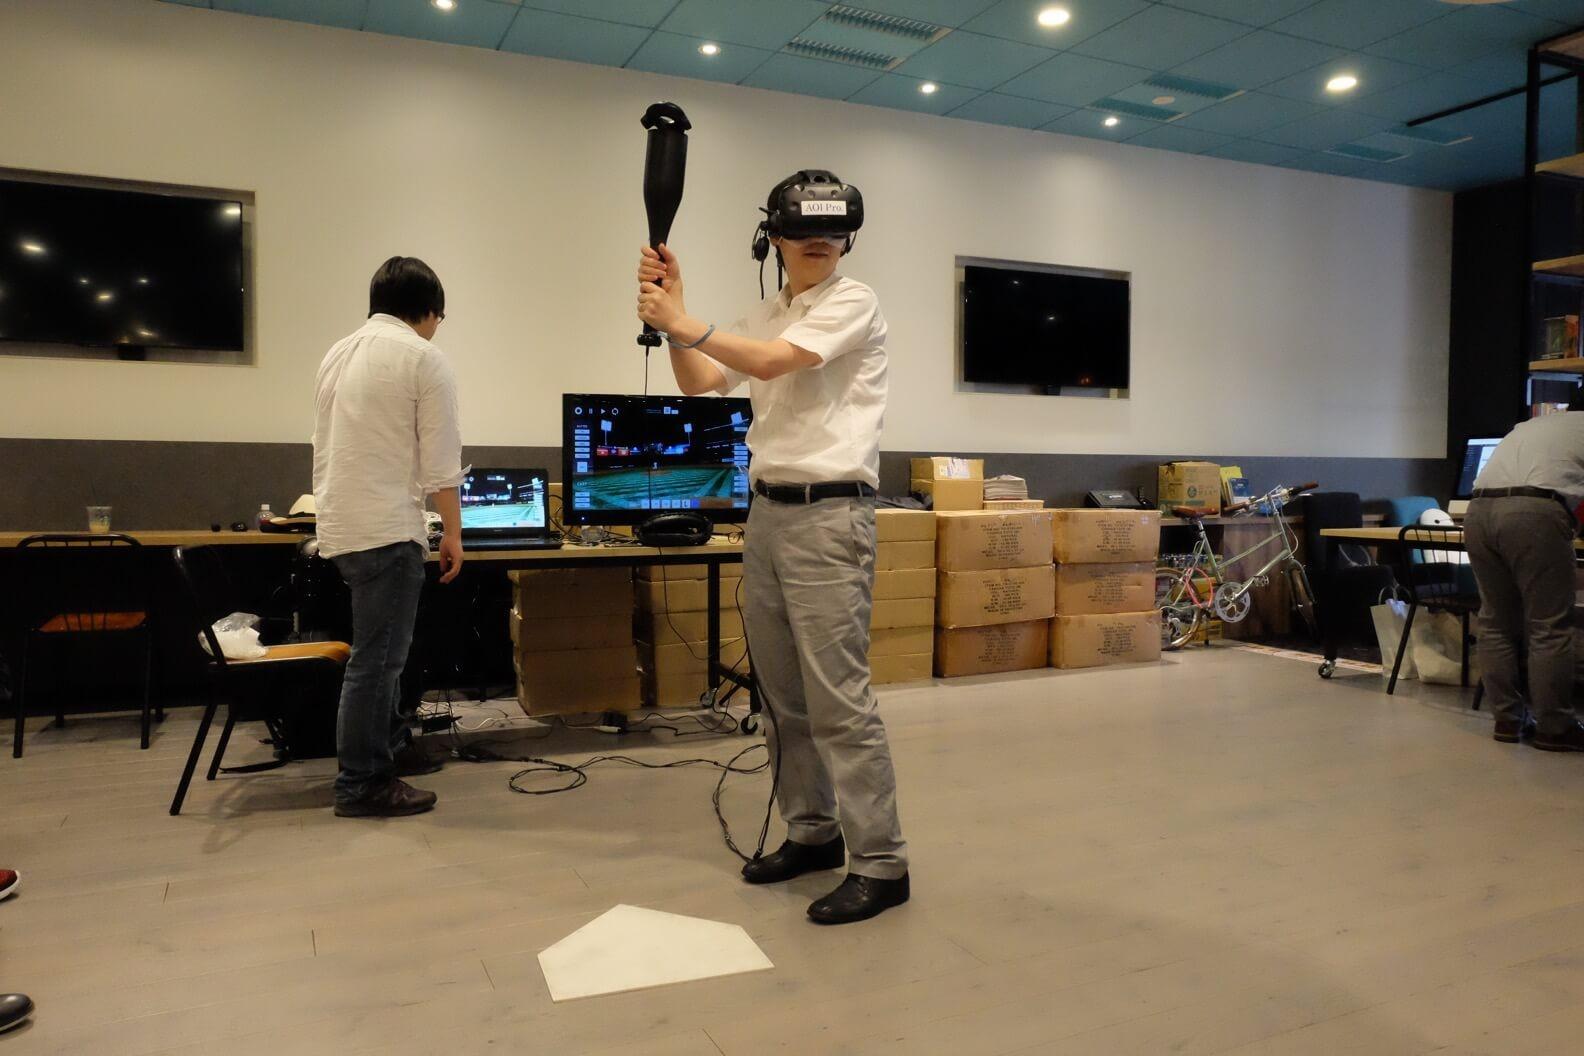 【レポート】「映像が心におよぼす影響」を可視化するVR:VRが創り出す世界[第2部] - TECH PLAY Conference 2017